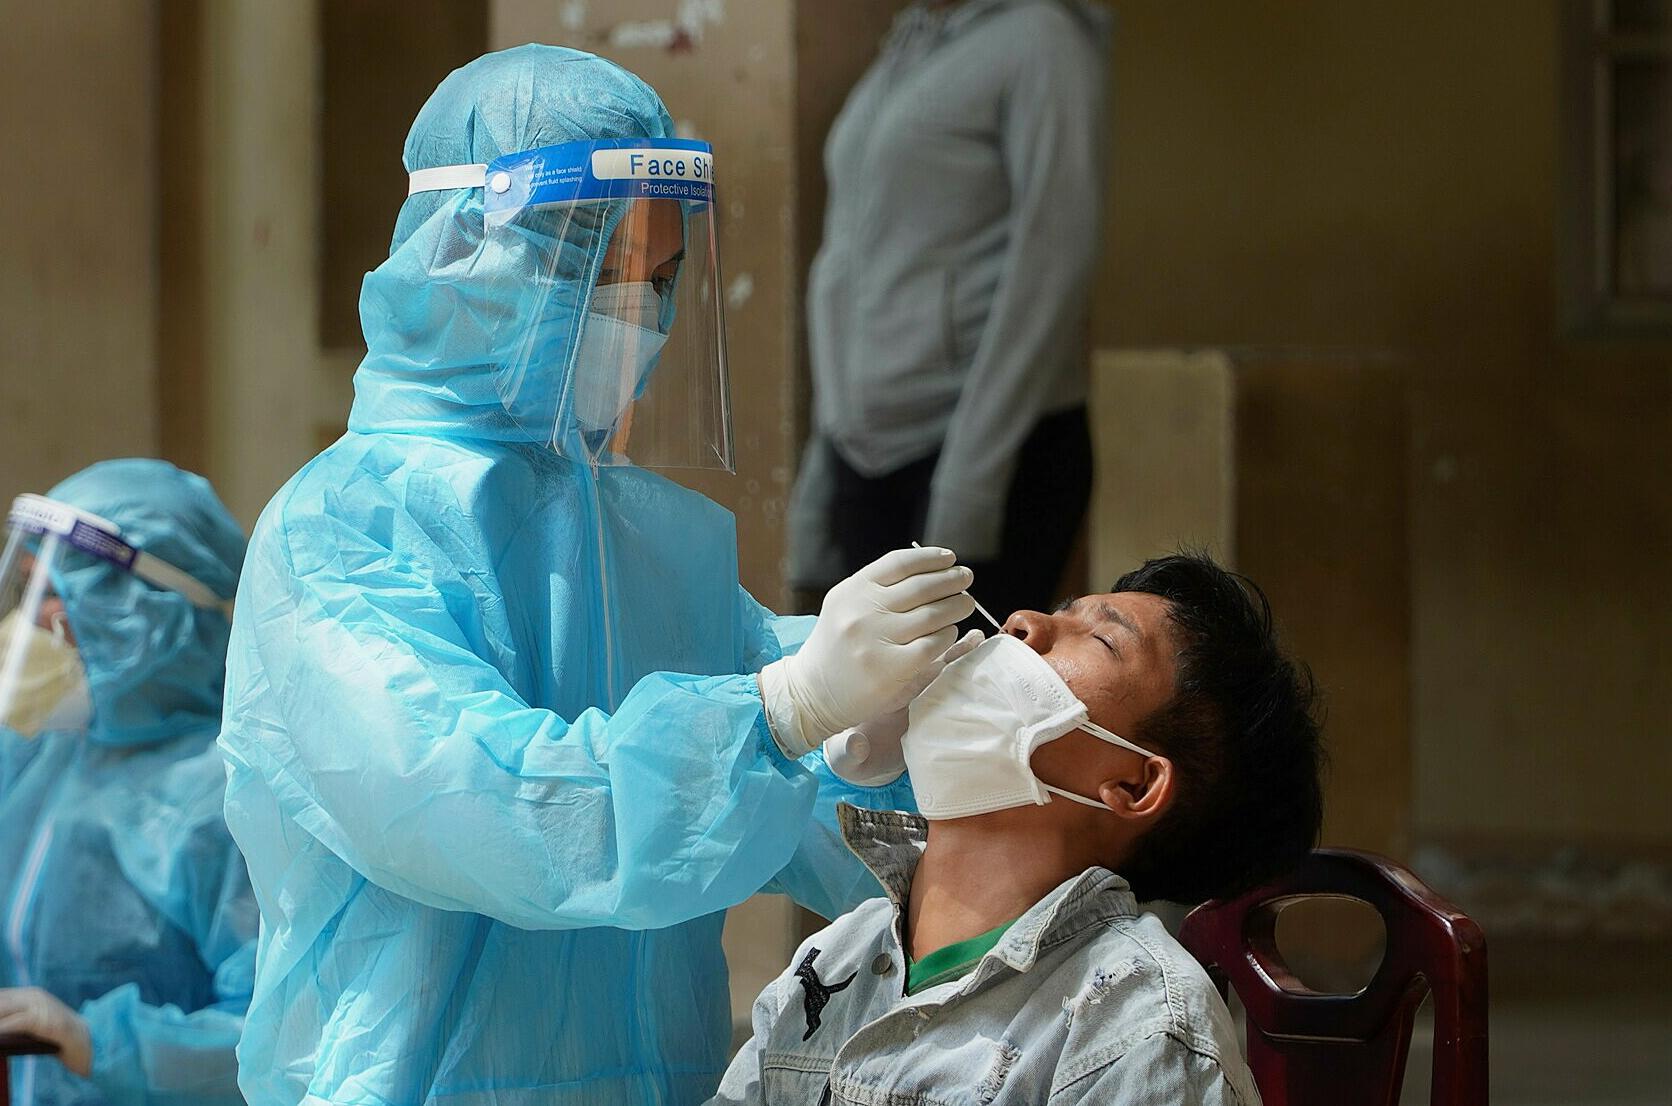 Nhân viên y tế lấy mẫu xét nghiệm người dân ở phường Hưng Long, TP Phan Thiết. Ảnh: Việt Quốc